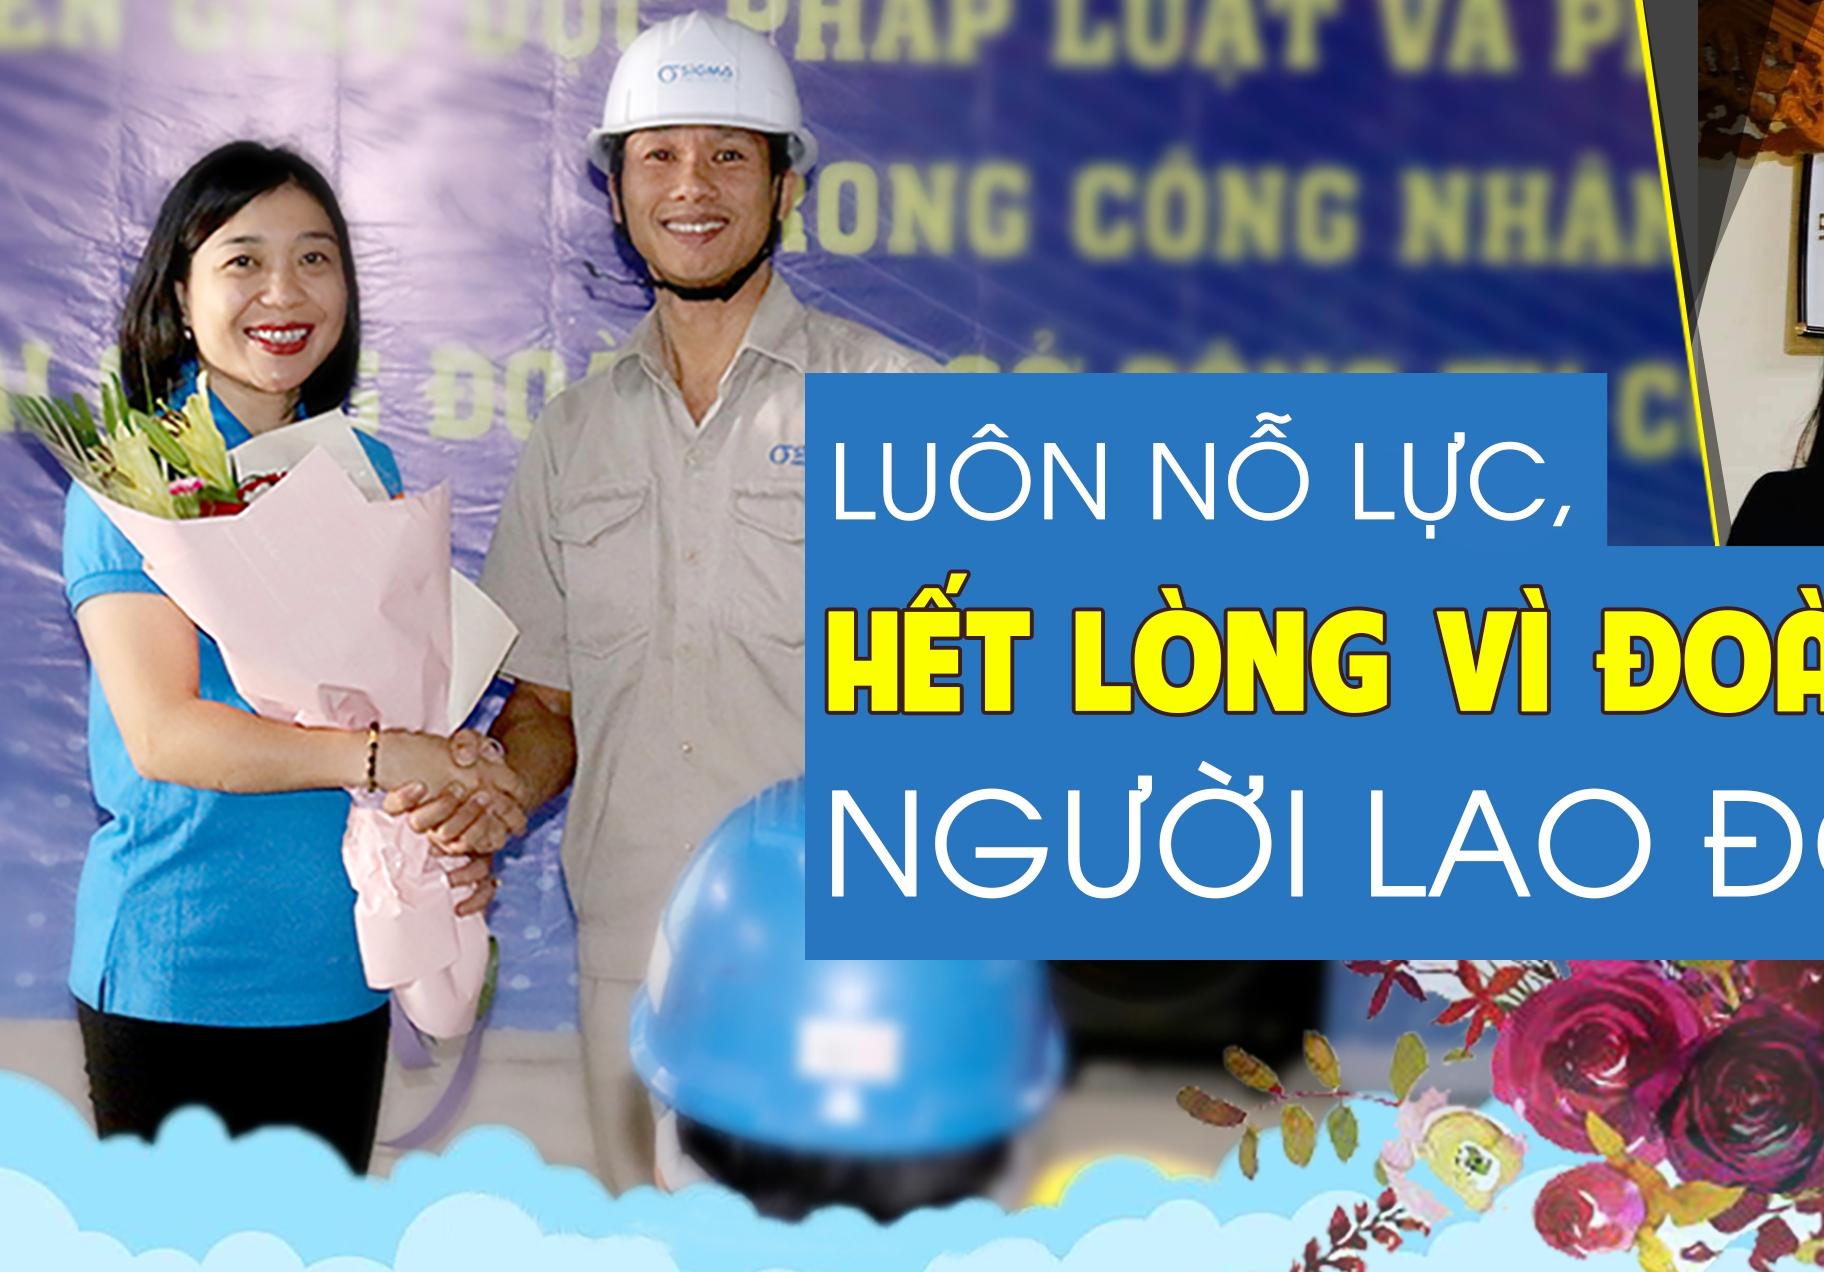 Liên đoàn Lao động quận Hoàn Kiếm: Luôn nỗ lực, hết lòng vì đoàn viên, người lao động